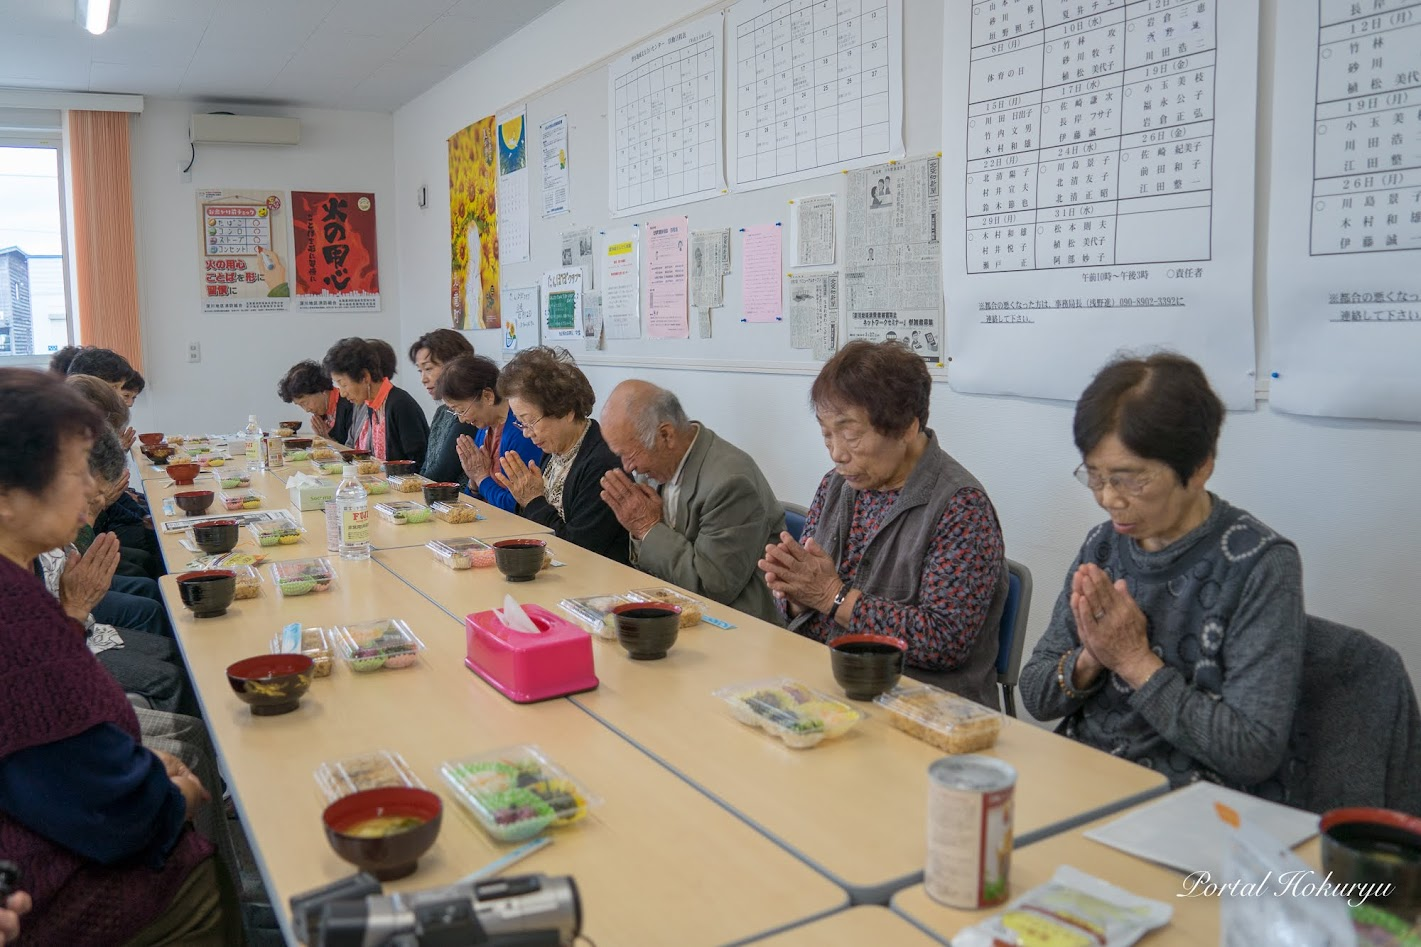 独り暮らし高齢者の昼食会@碧水地域支え合いセンター